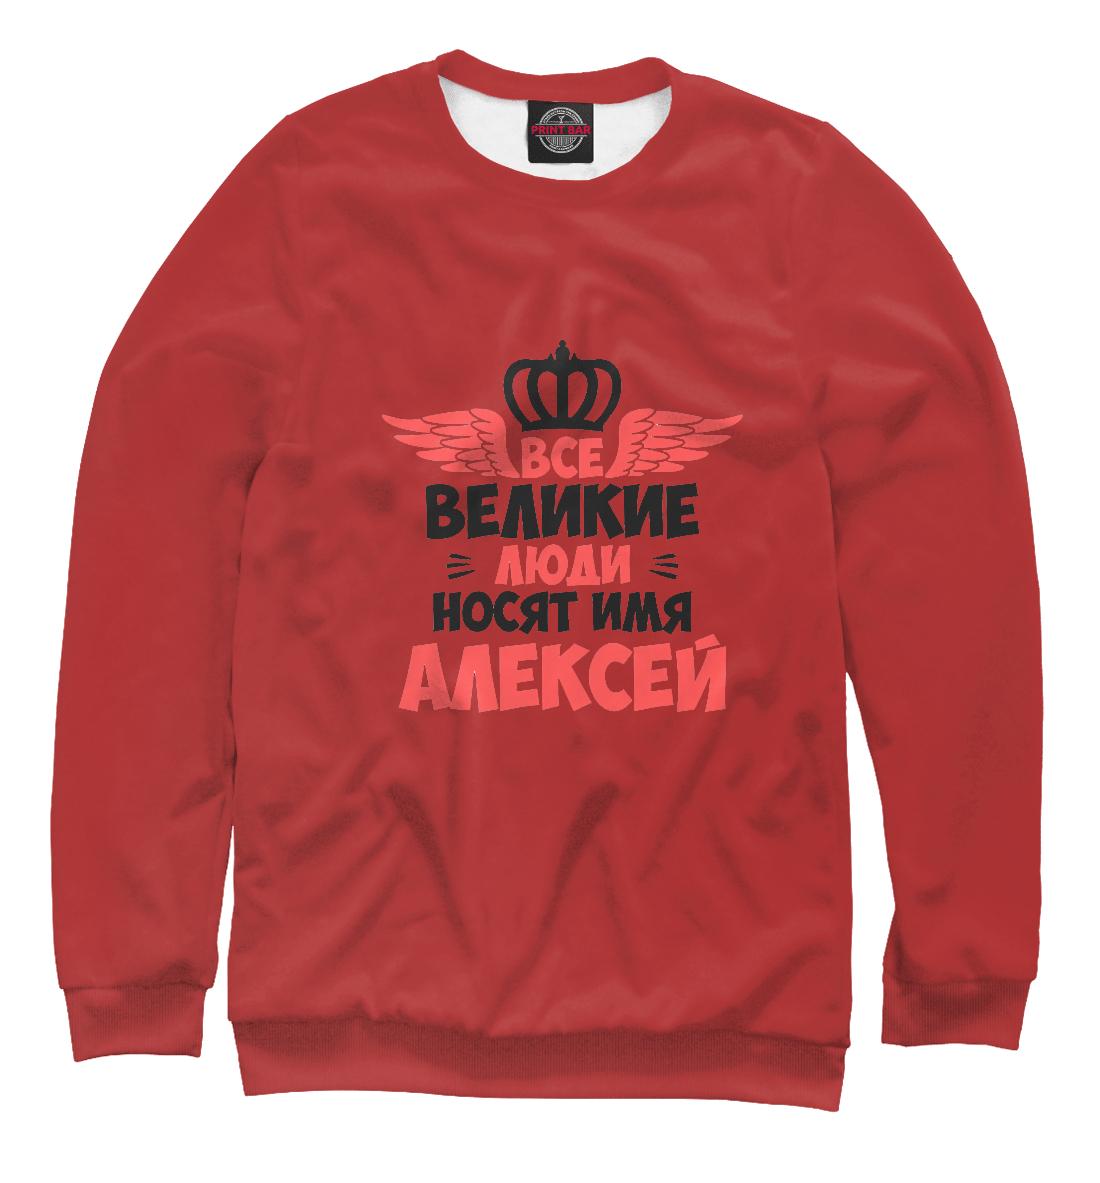 Купить Великие люди носят имя Алексей, Printbar, Свитшоты, ALE-119237-swi